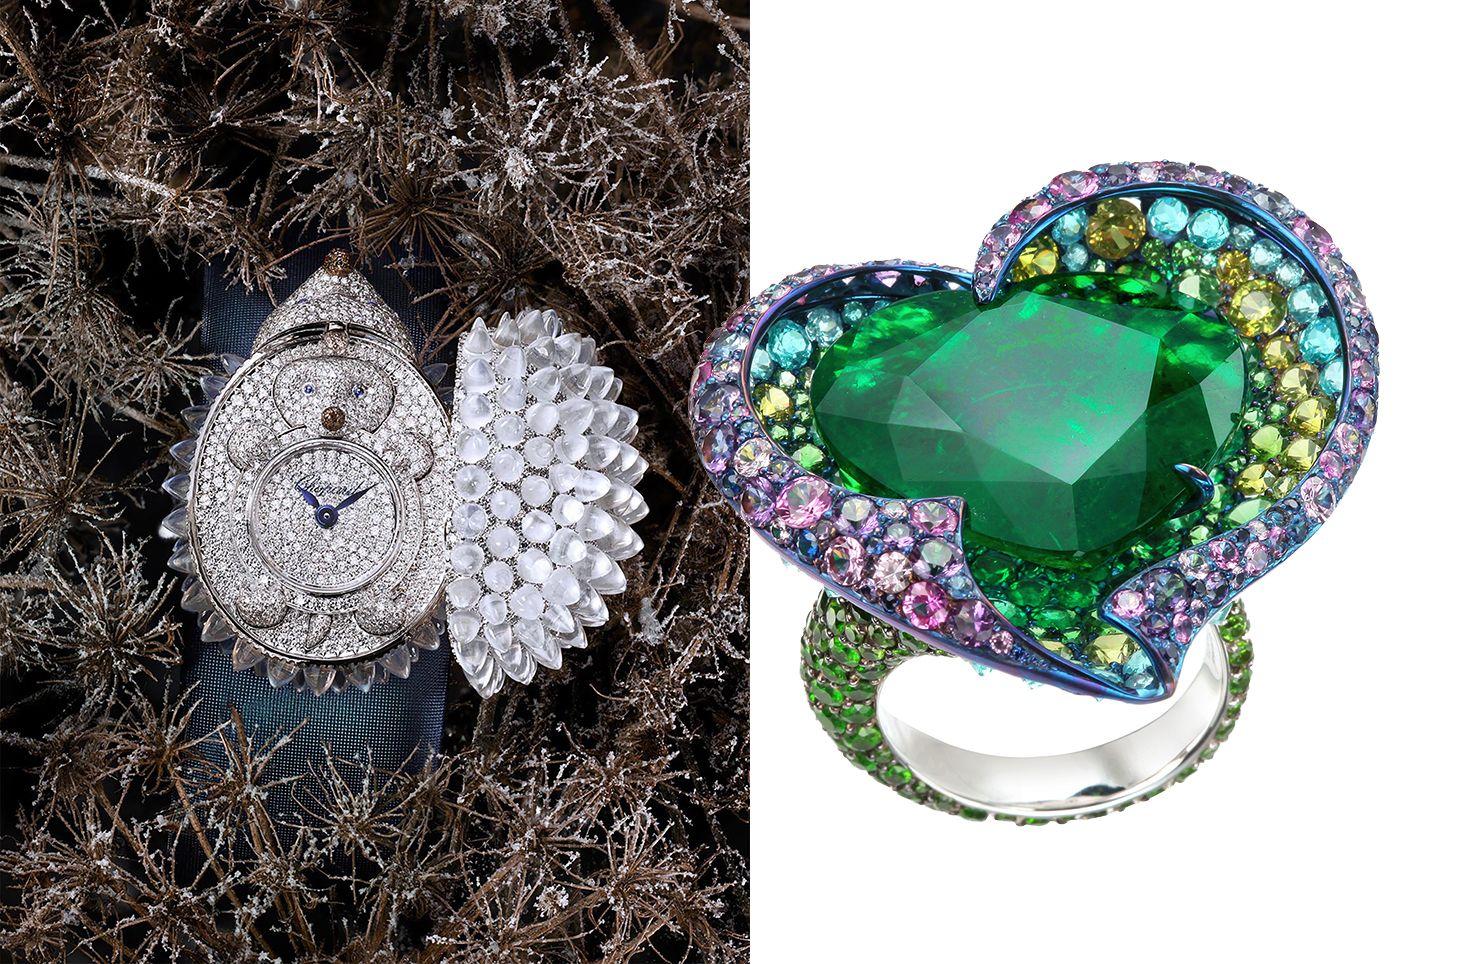 奇幻動物、珍貴寶石、鈦金戒指⋯⋯Chopard蕭邦全球獨一無二、千萬級作品大舉抵台饗客